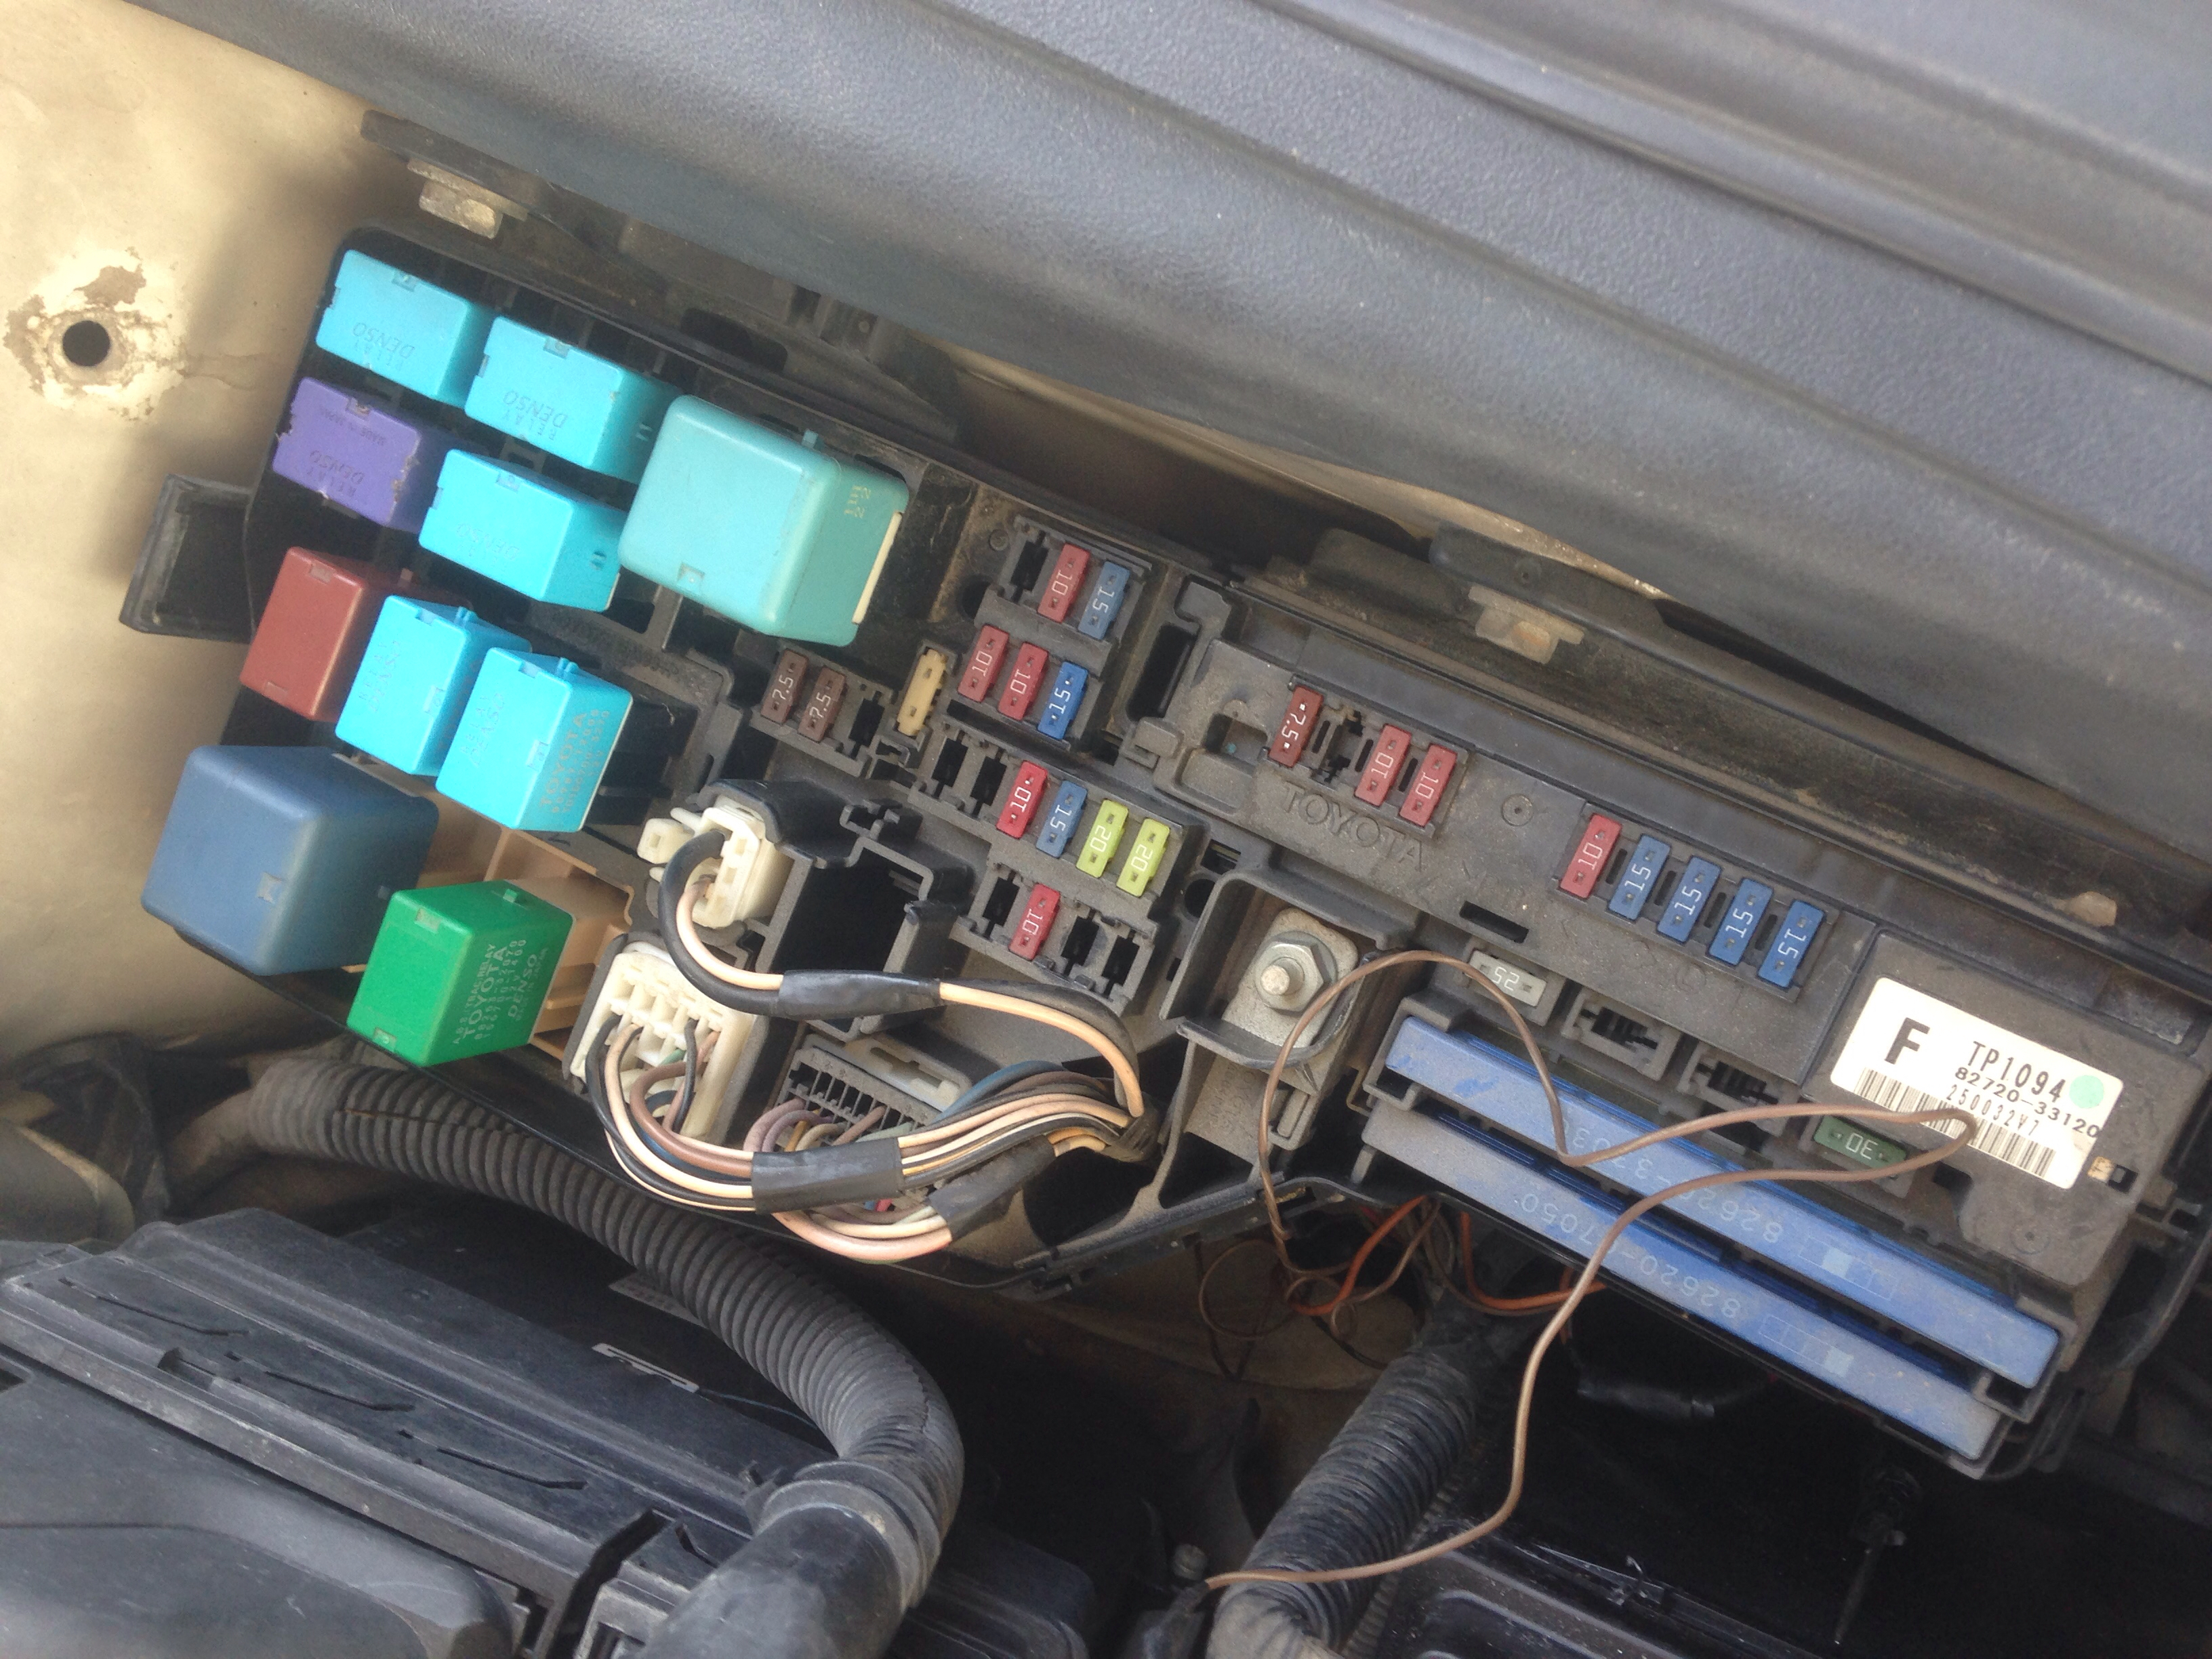 1年前 哪里的保险丝 1年前 前面机舱 1年前 先检查油泵保险丝,看看是